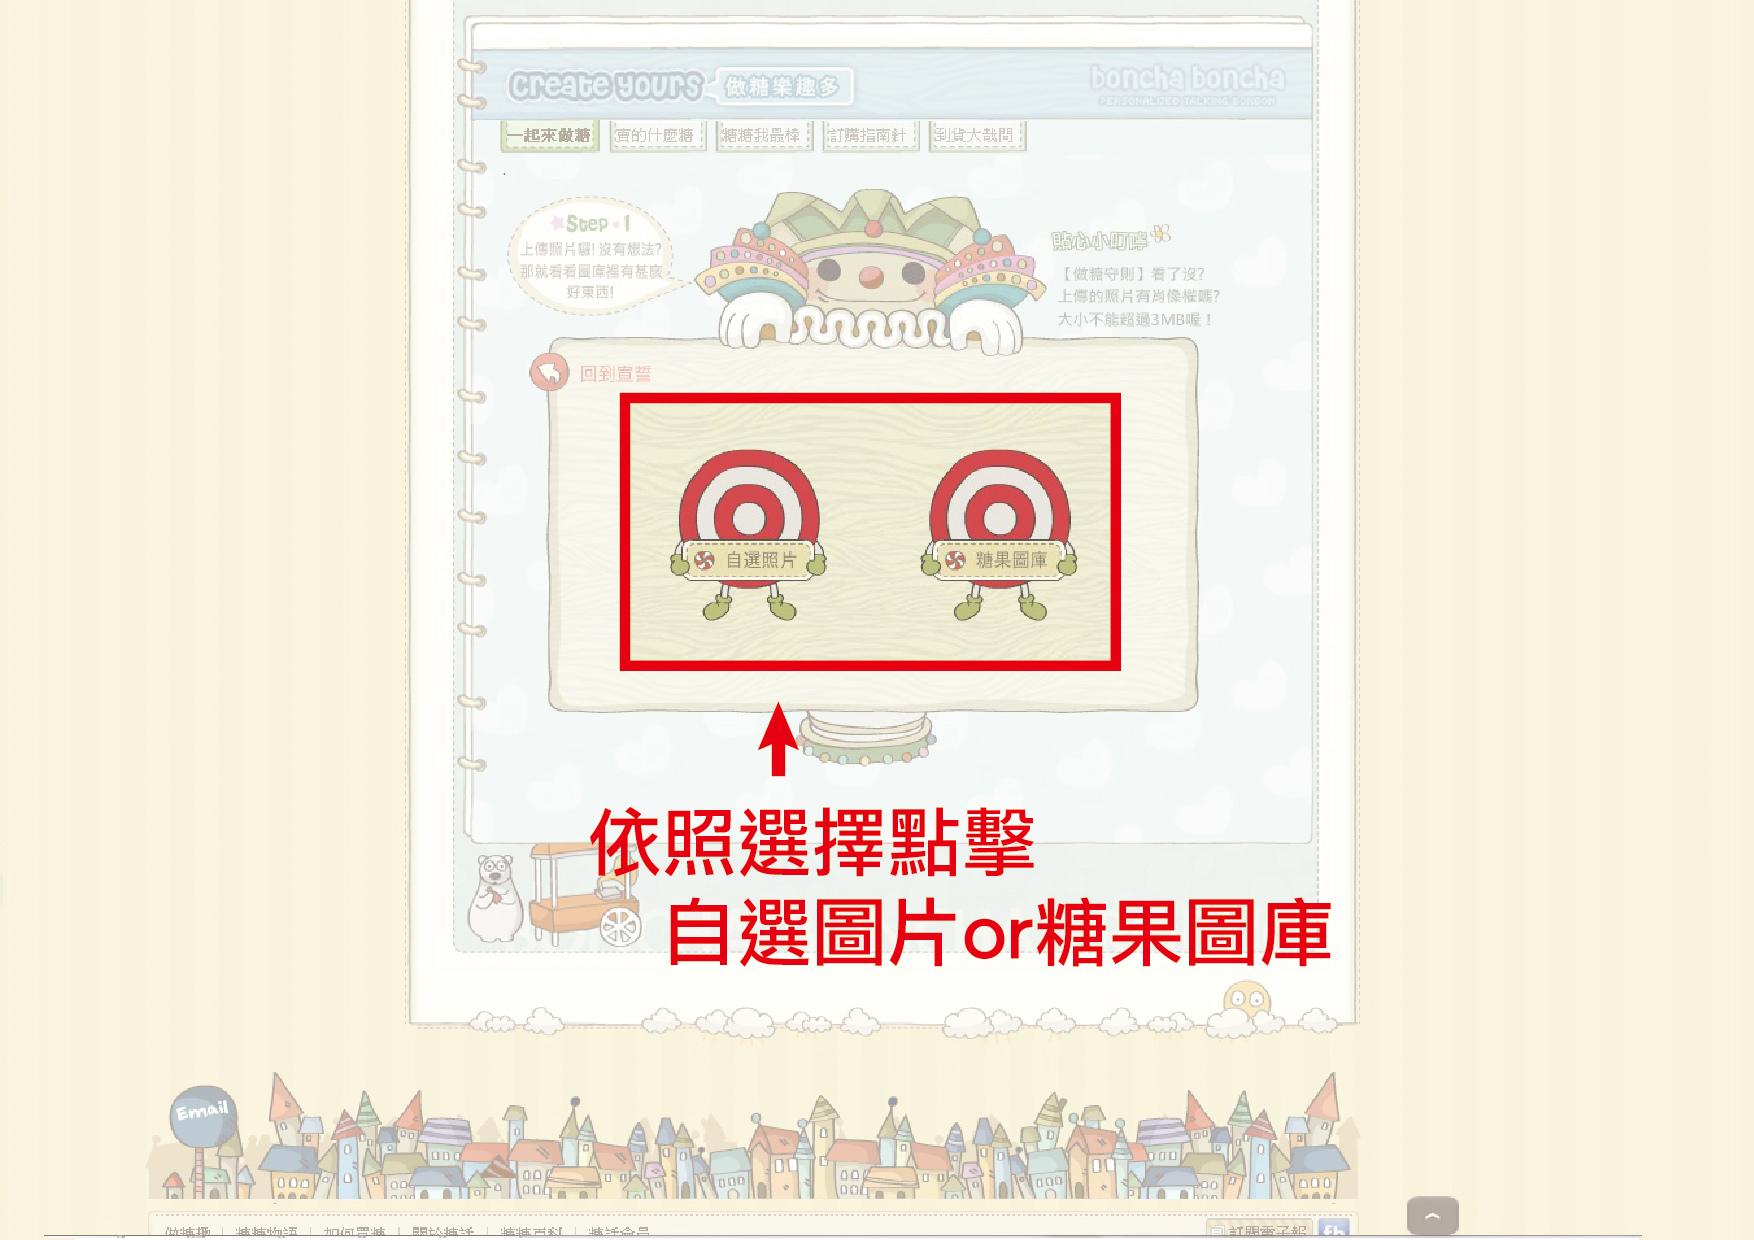 線上訂購指南-4.jpg